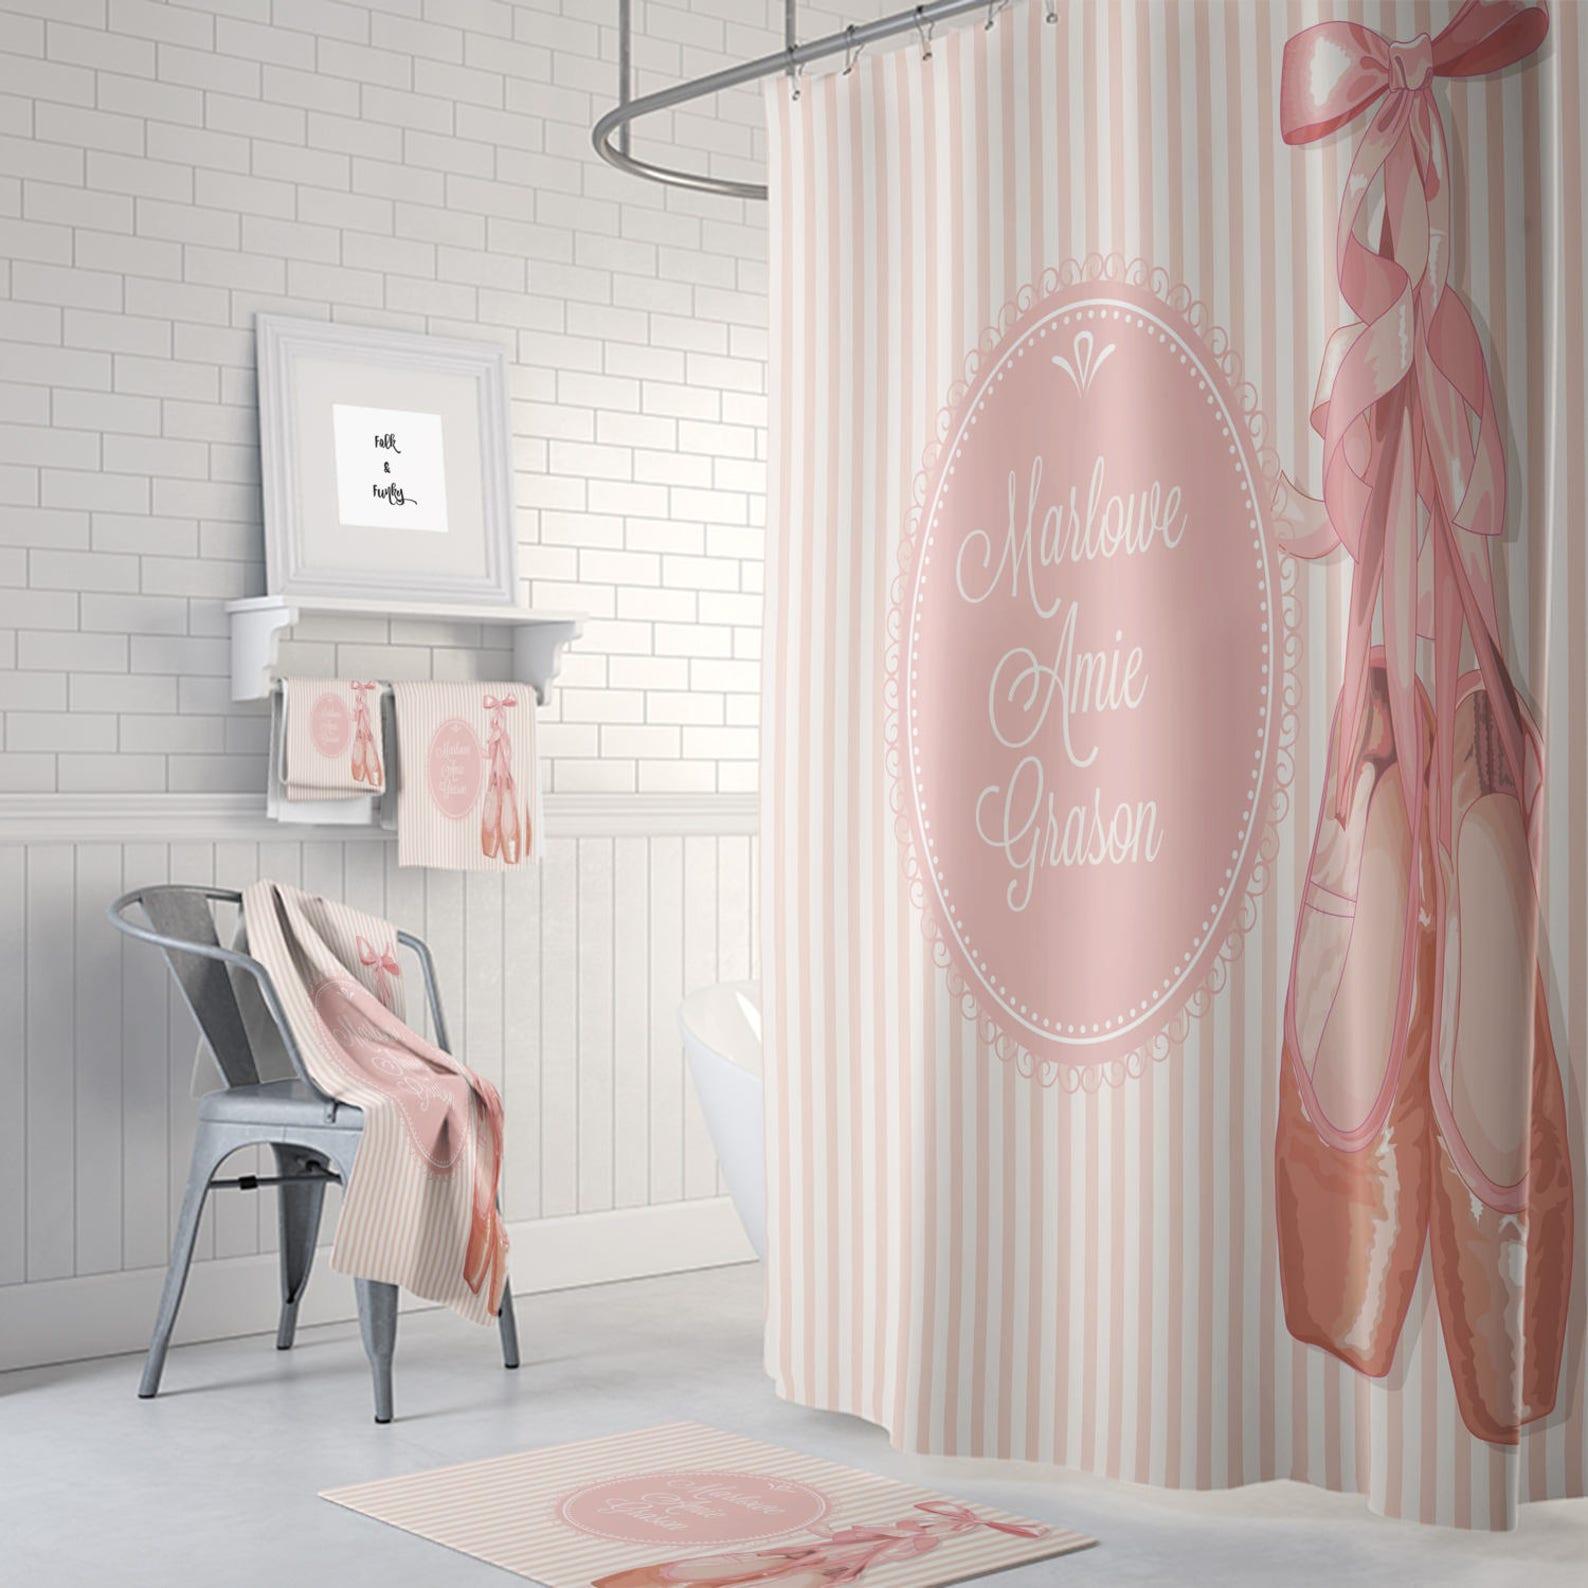 personalized ballet theme shower curtain optional bath mat/towels set